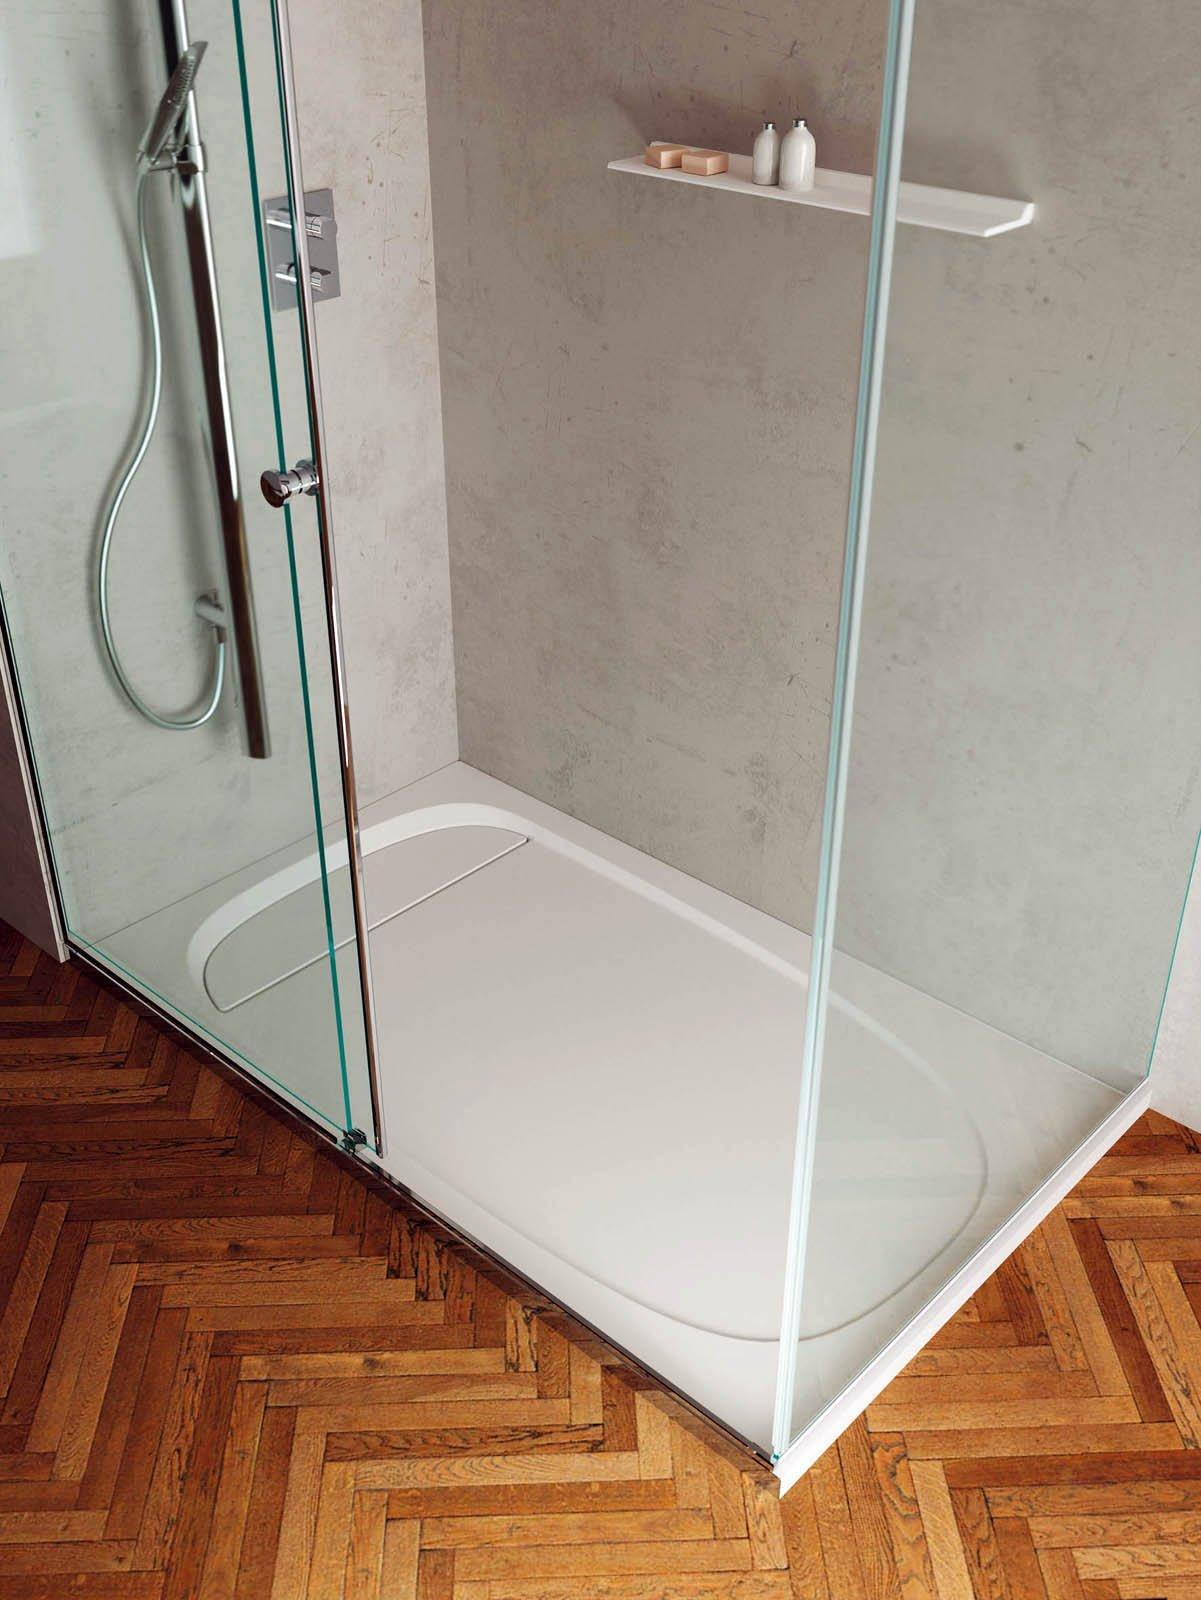 La doccia come scegliere cose di casa - Piatto doccia incassato nel pavimento ...